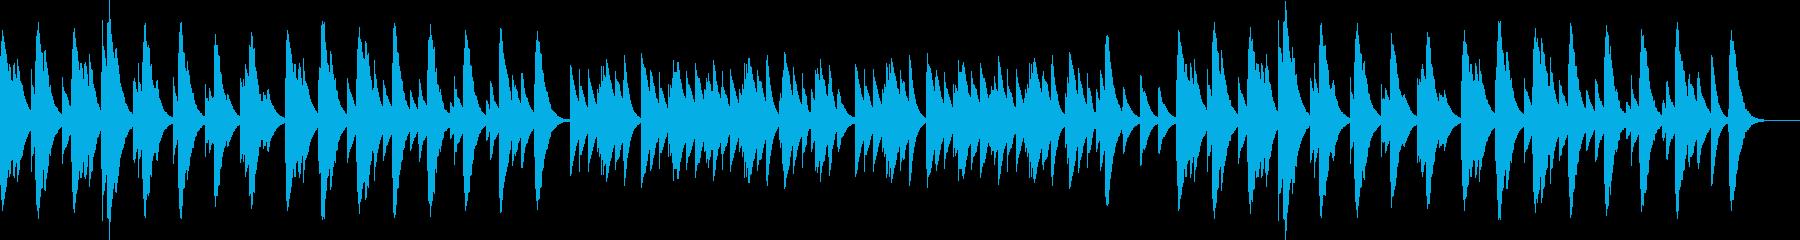 優しくてしんみりするBGMの再生済みの波形